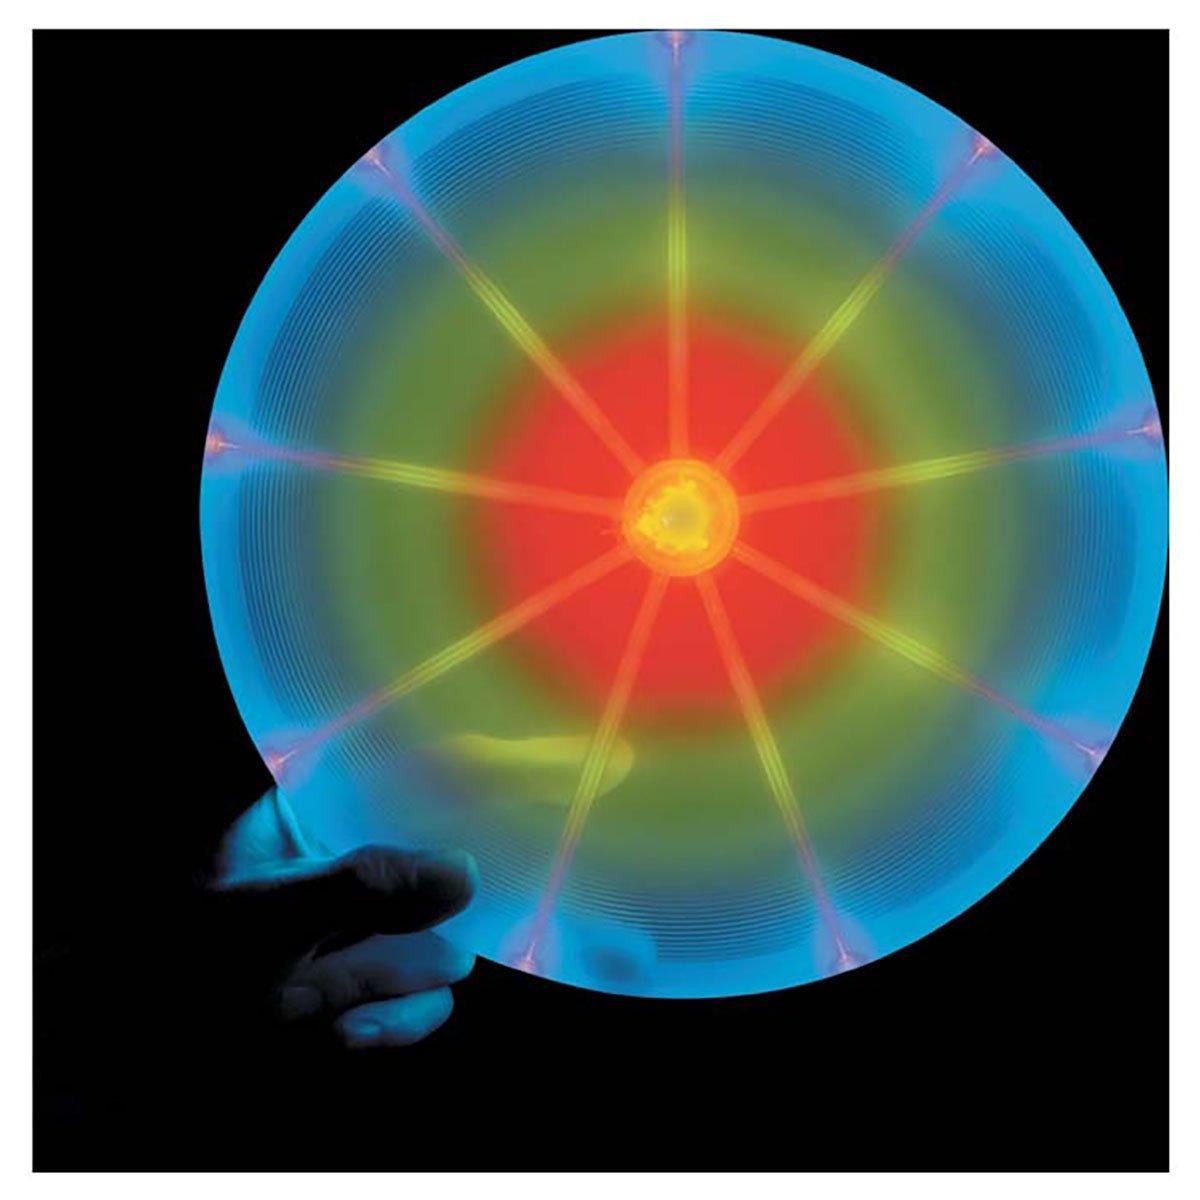 大きい割引 NITEIZE Flashflight Flying Disc of B06XNNN81J マルチカラー Pack B06XNNN81J of NITEIZE 1, URBAN BEAUTY PRODUCTS:37fdffbc --- arianechie.dominiotemporario.com